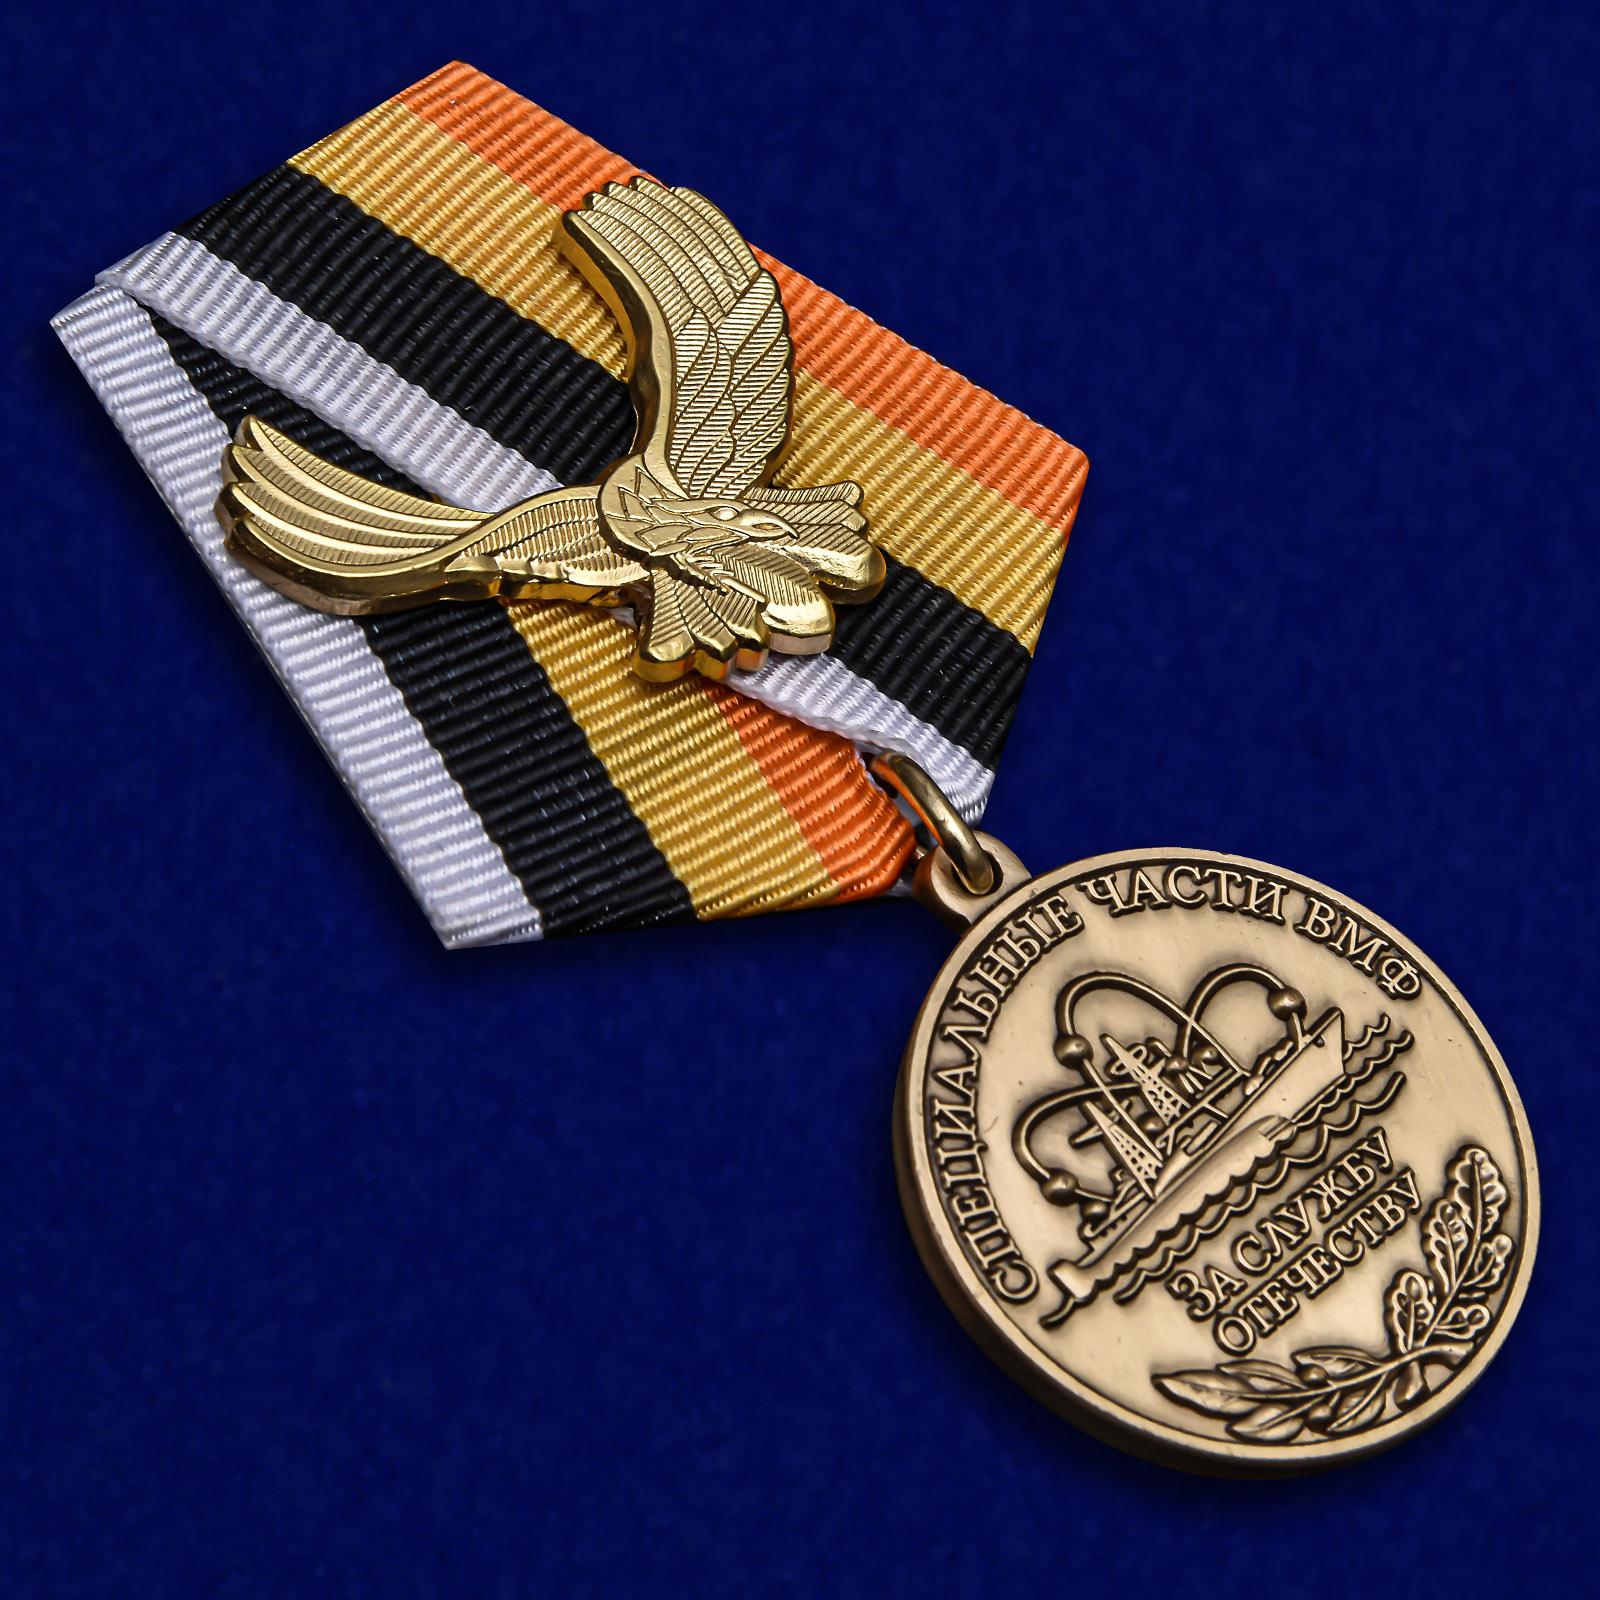 """Купить медаль """"За службу Отечеству"""" Специальные части ВМФ"""